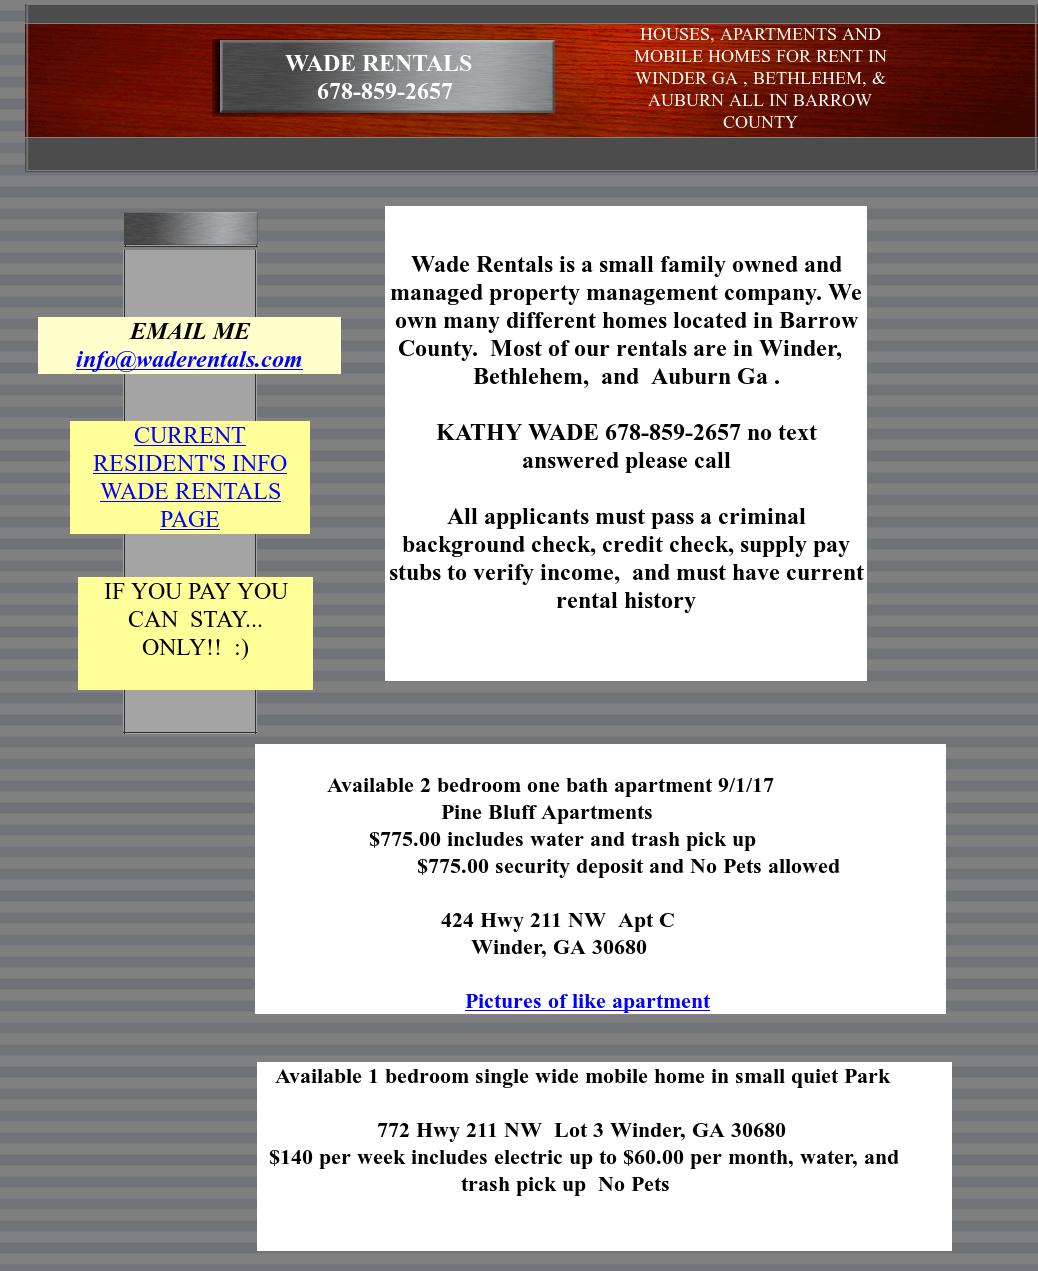 Gatlinburg Chateau - Condo 401 Competitors, Revenue and